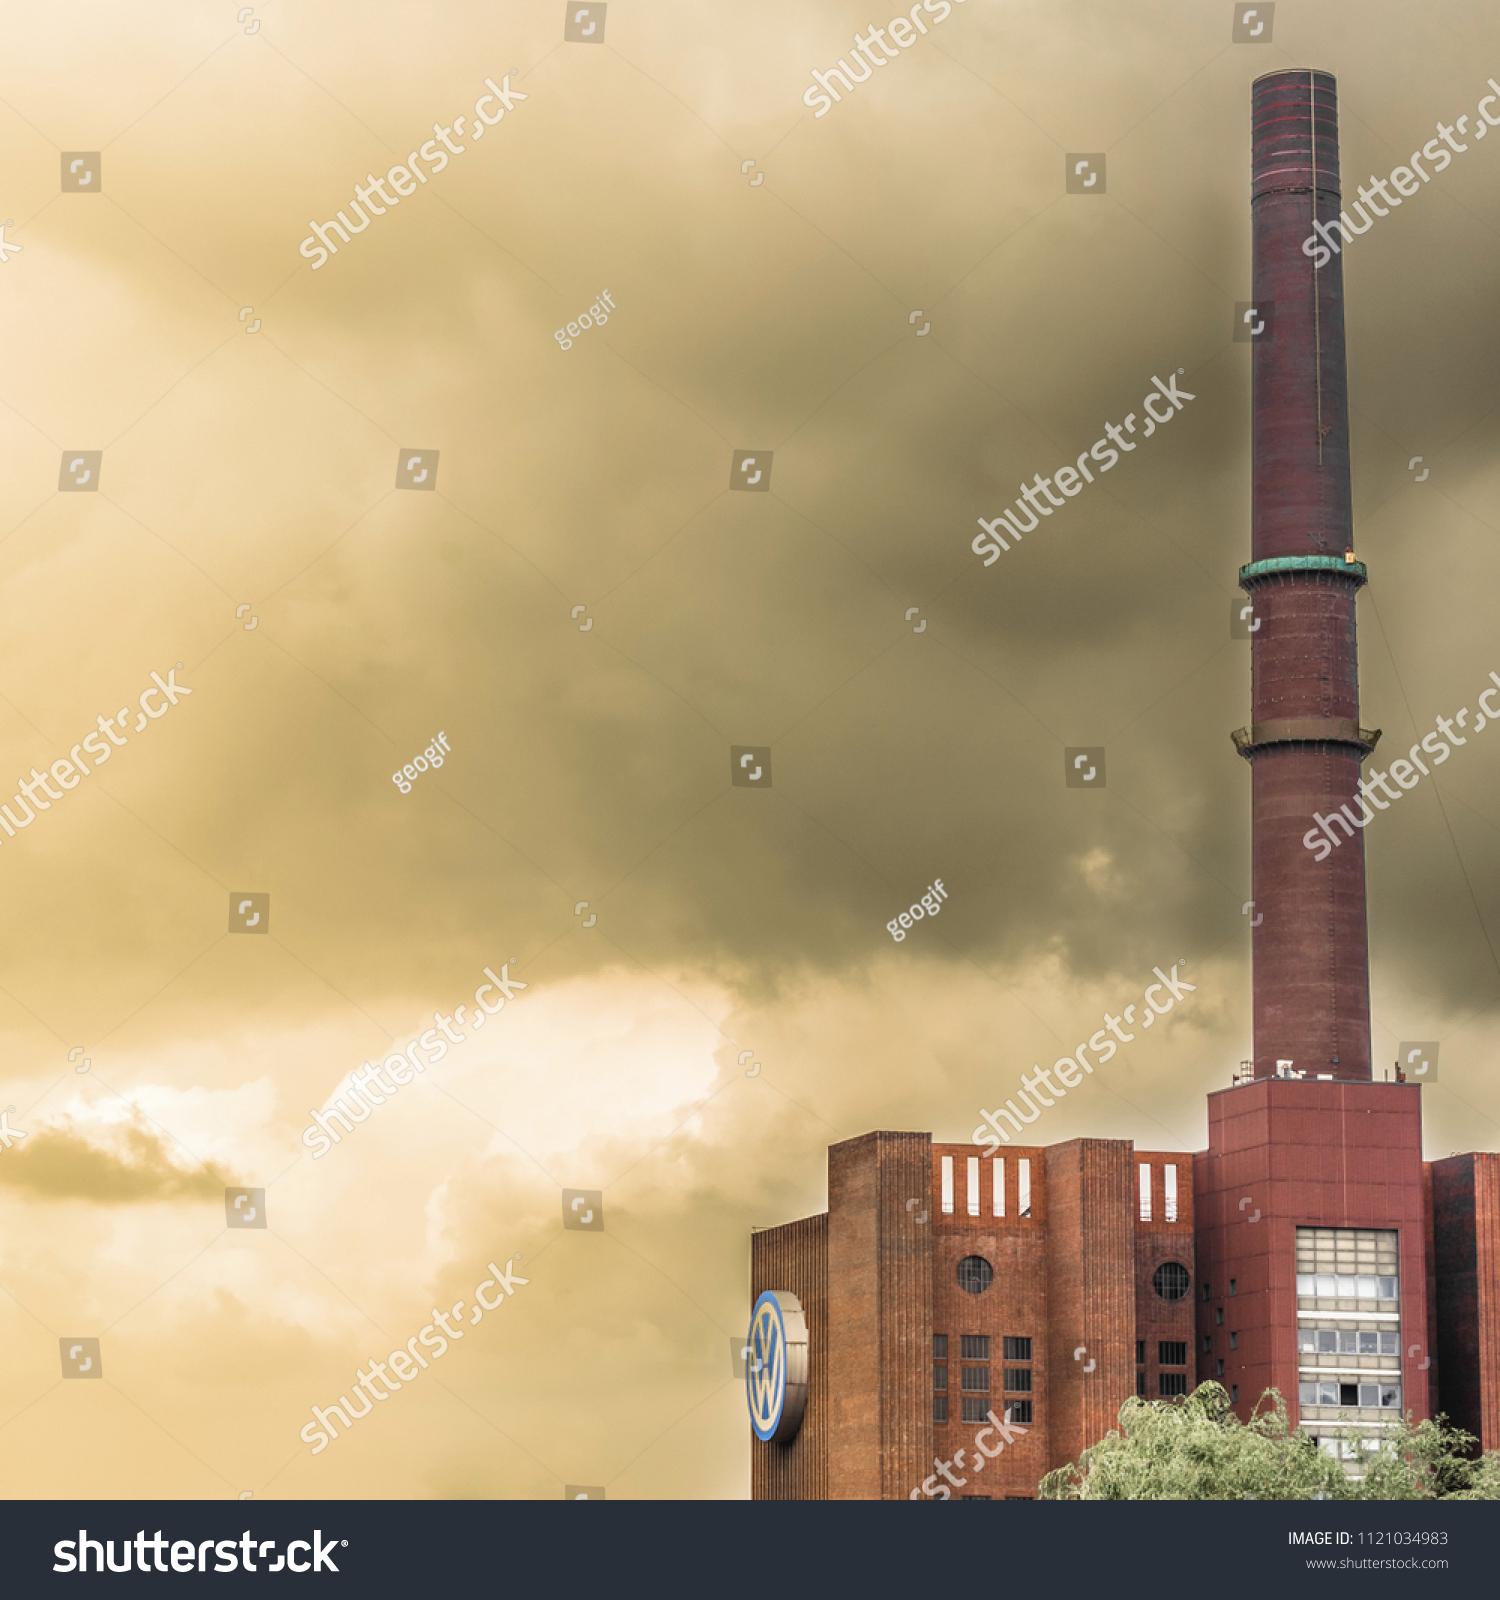 stock-photo-wolfsburg-lower-saxony-germa